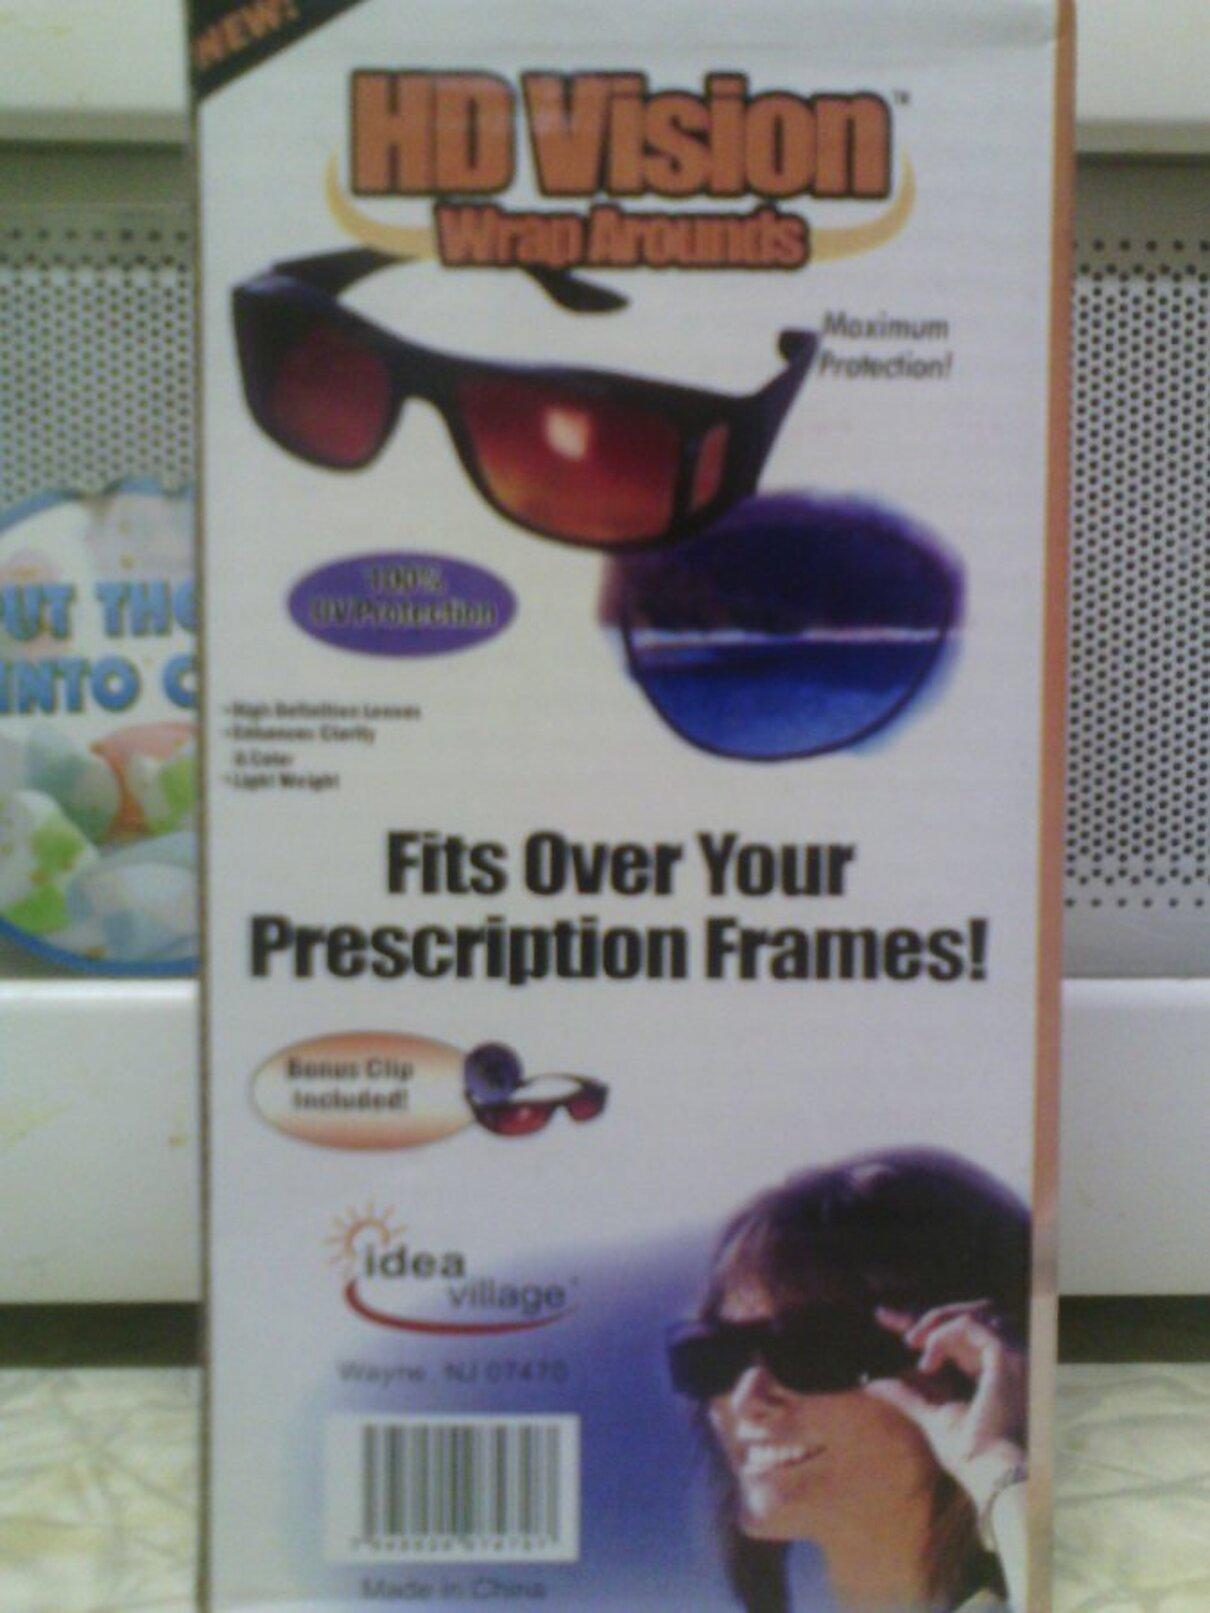 Жалоба-отзыв: Регулируемые очки - Можно обменять на товар который соответствует теме жалобы